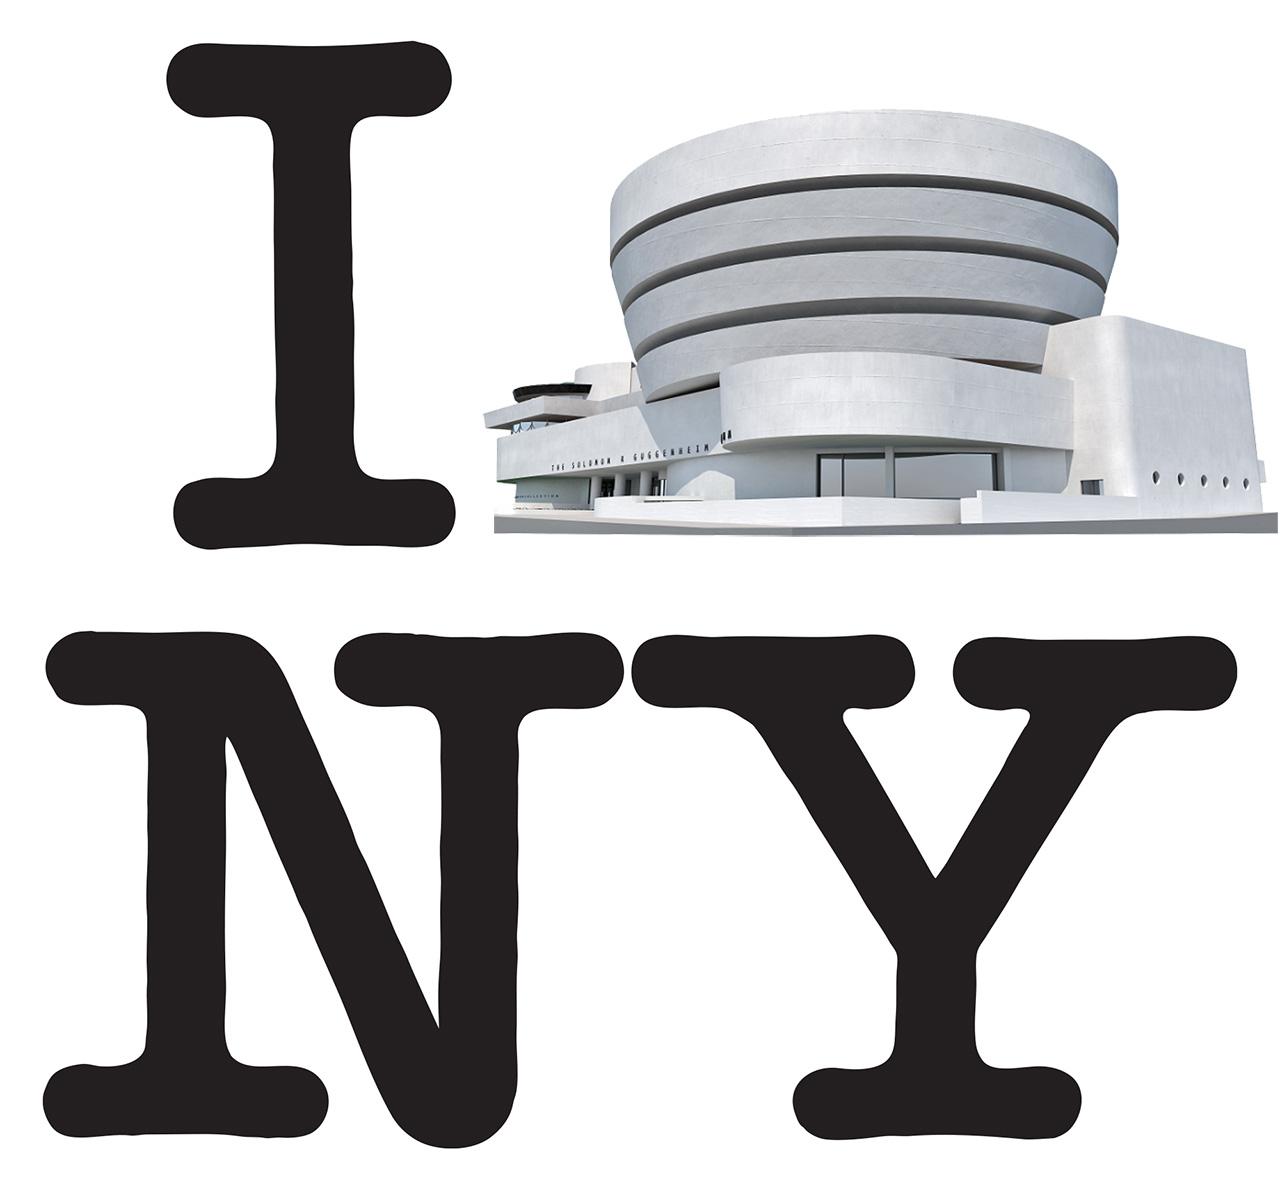 i-gugg-new-york-1280